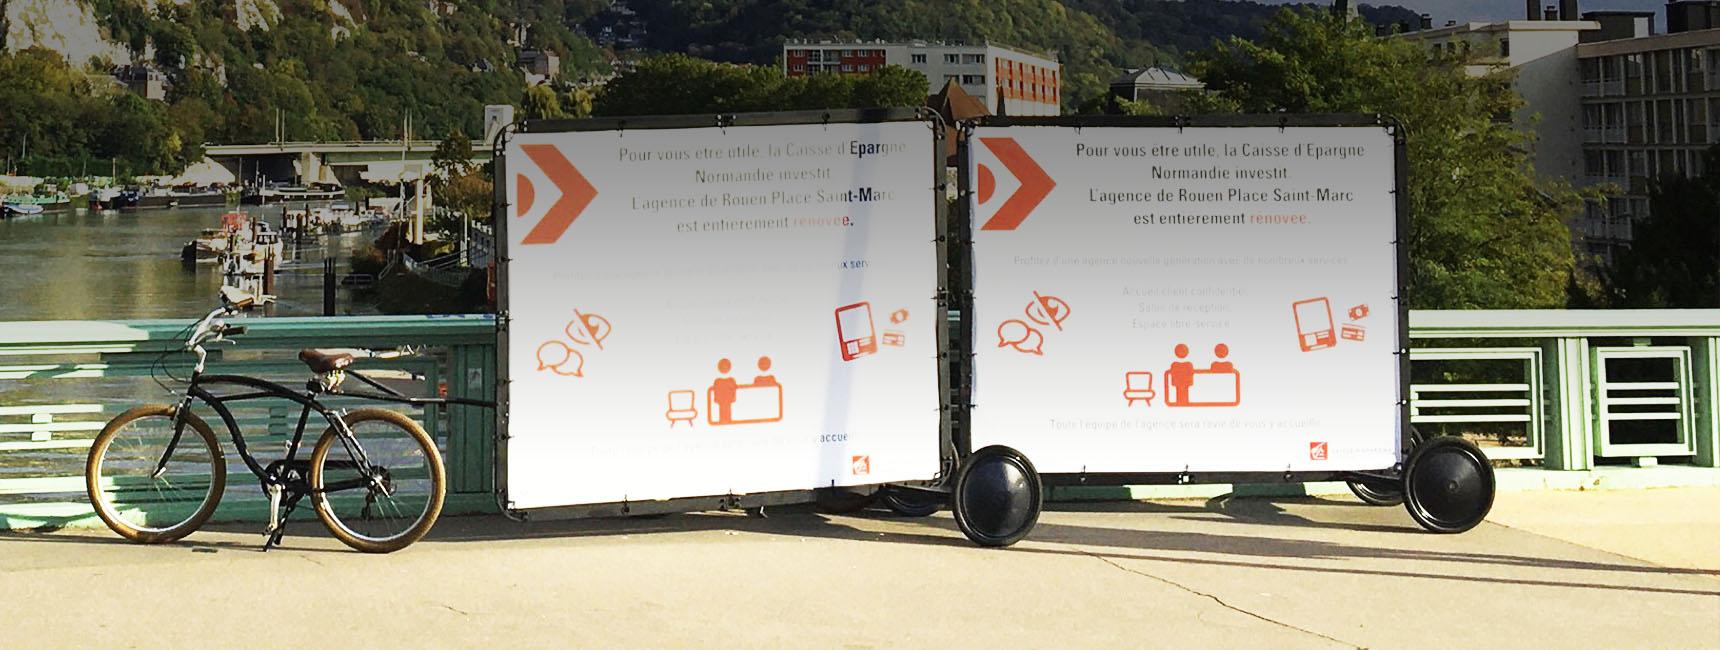 affichage mobile - sac a pain- Keemia Tours agence de marketing locale en région Centre Normandie